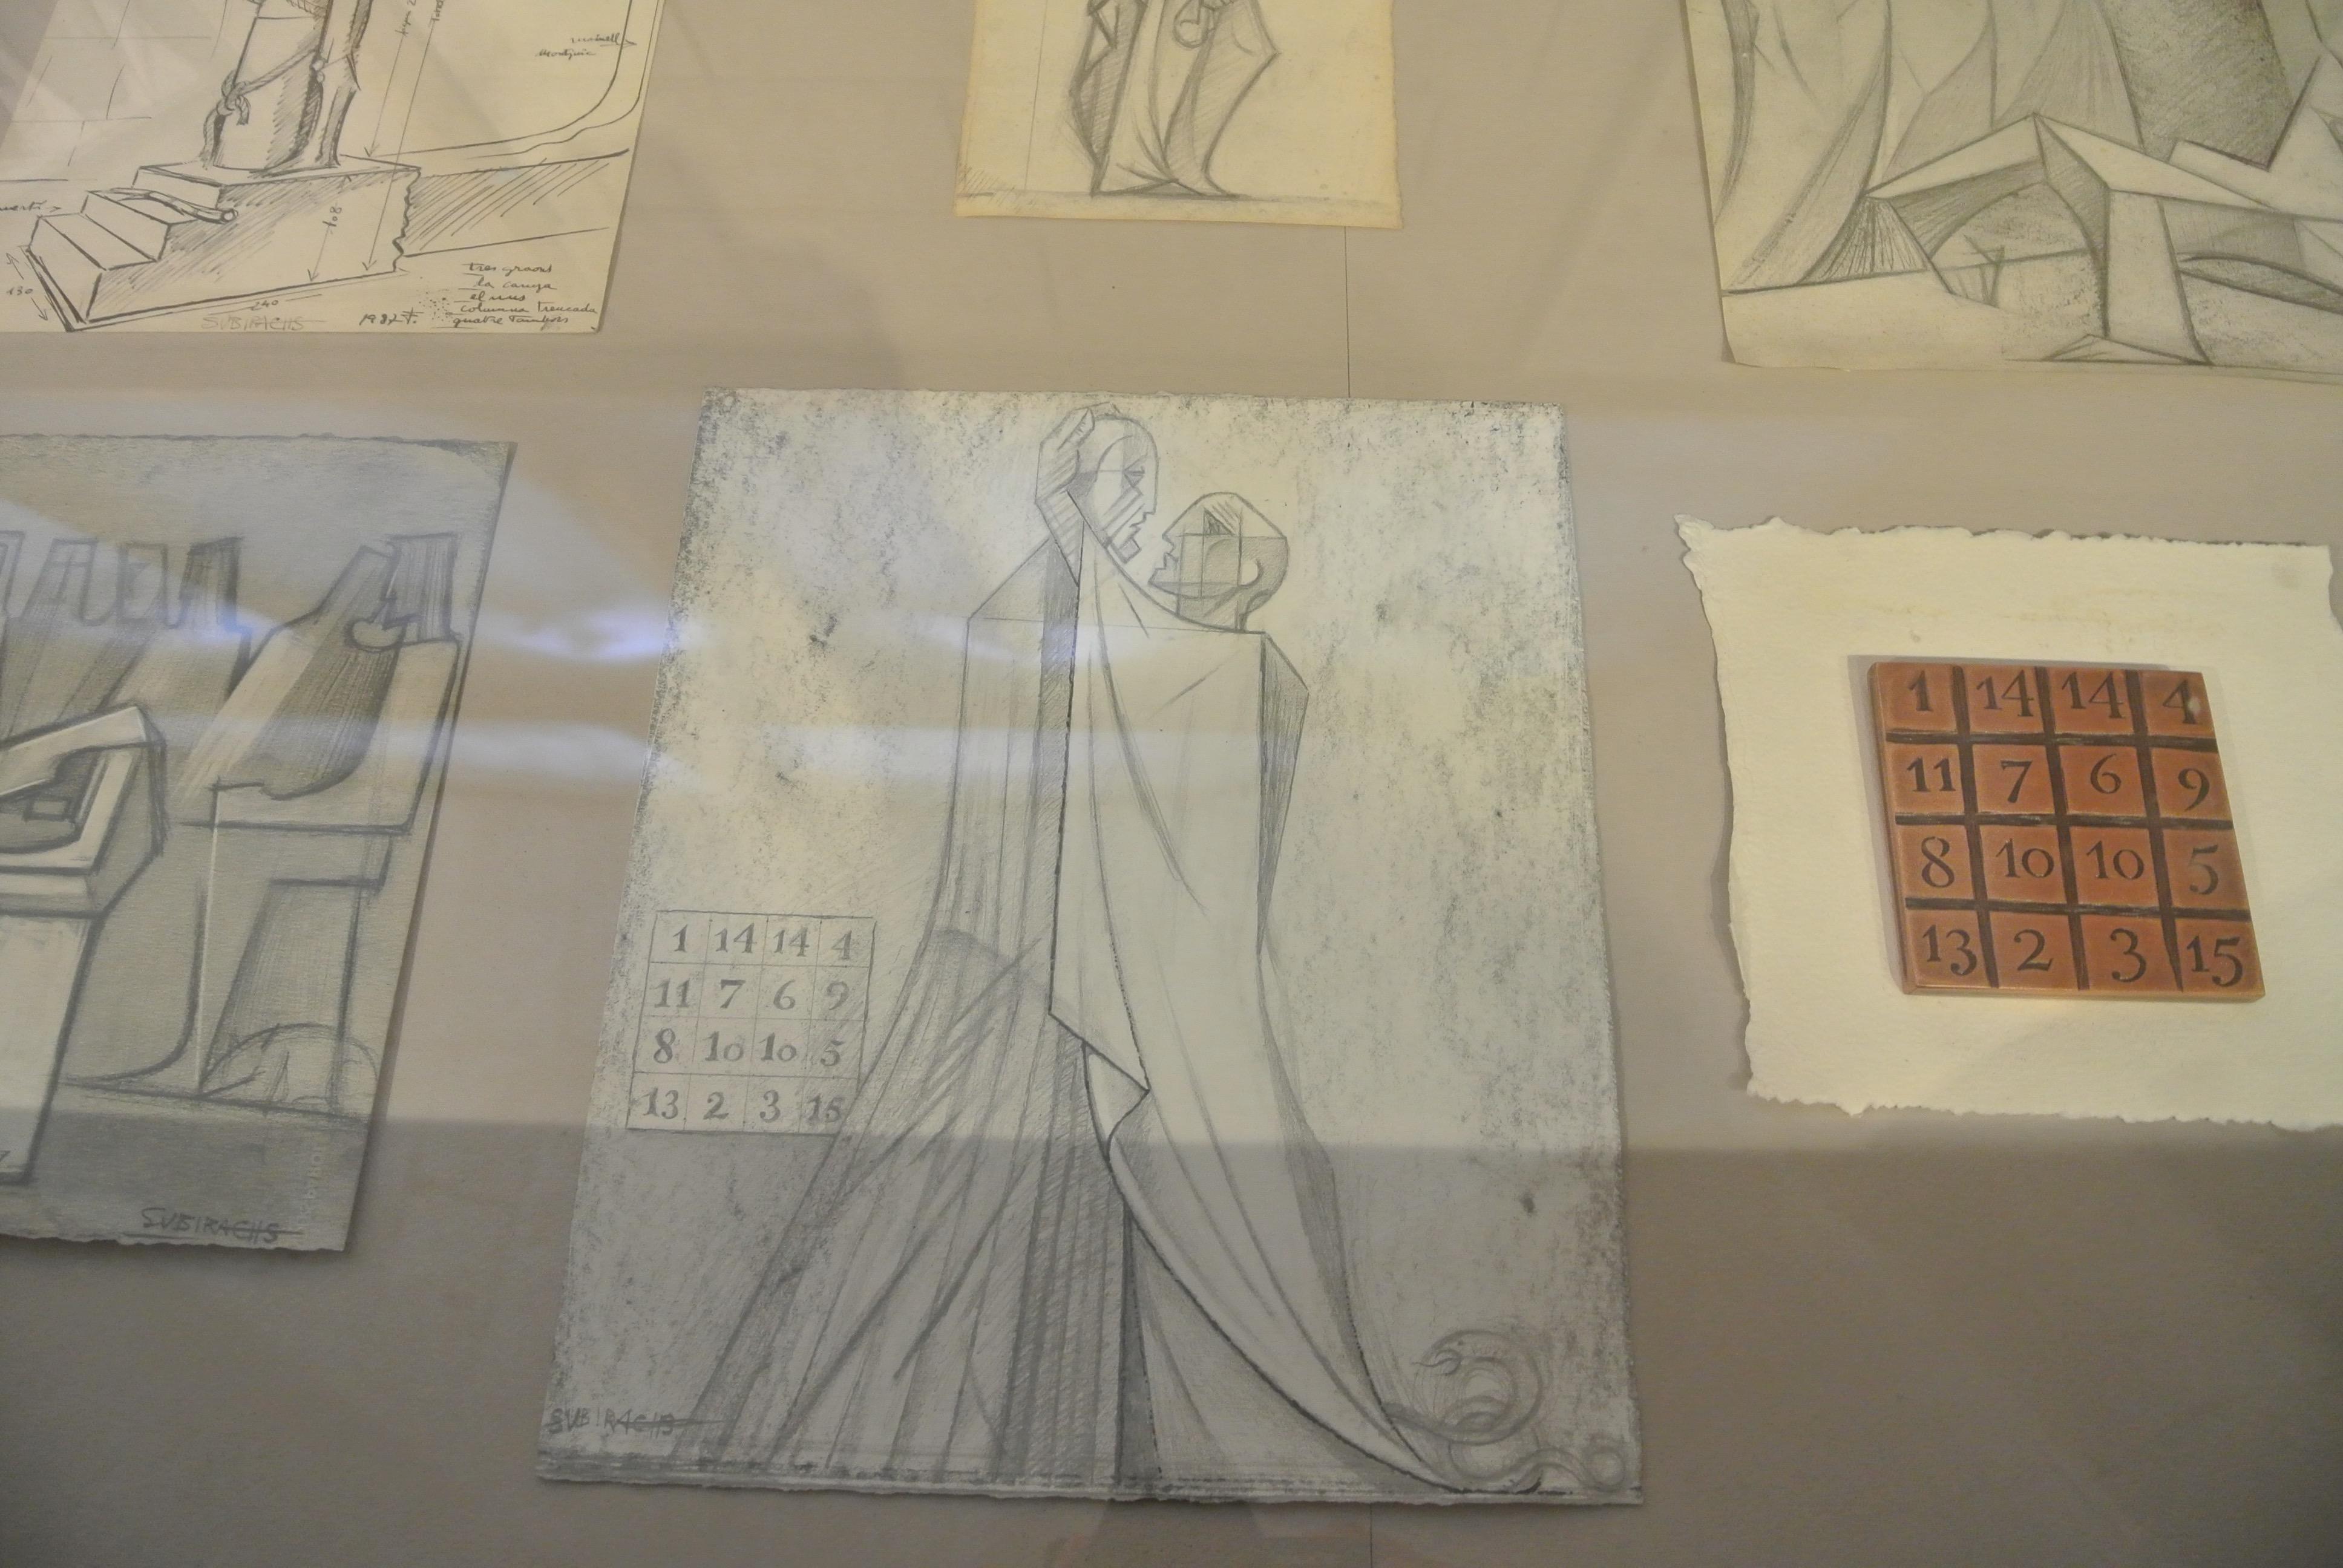 サグラダ・ファミリア博物館の写真